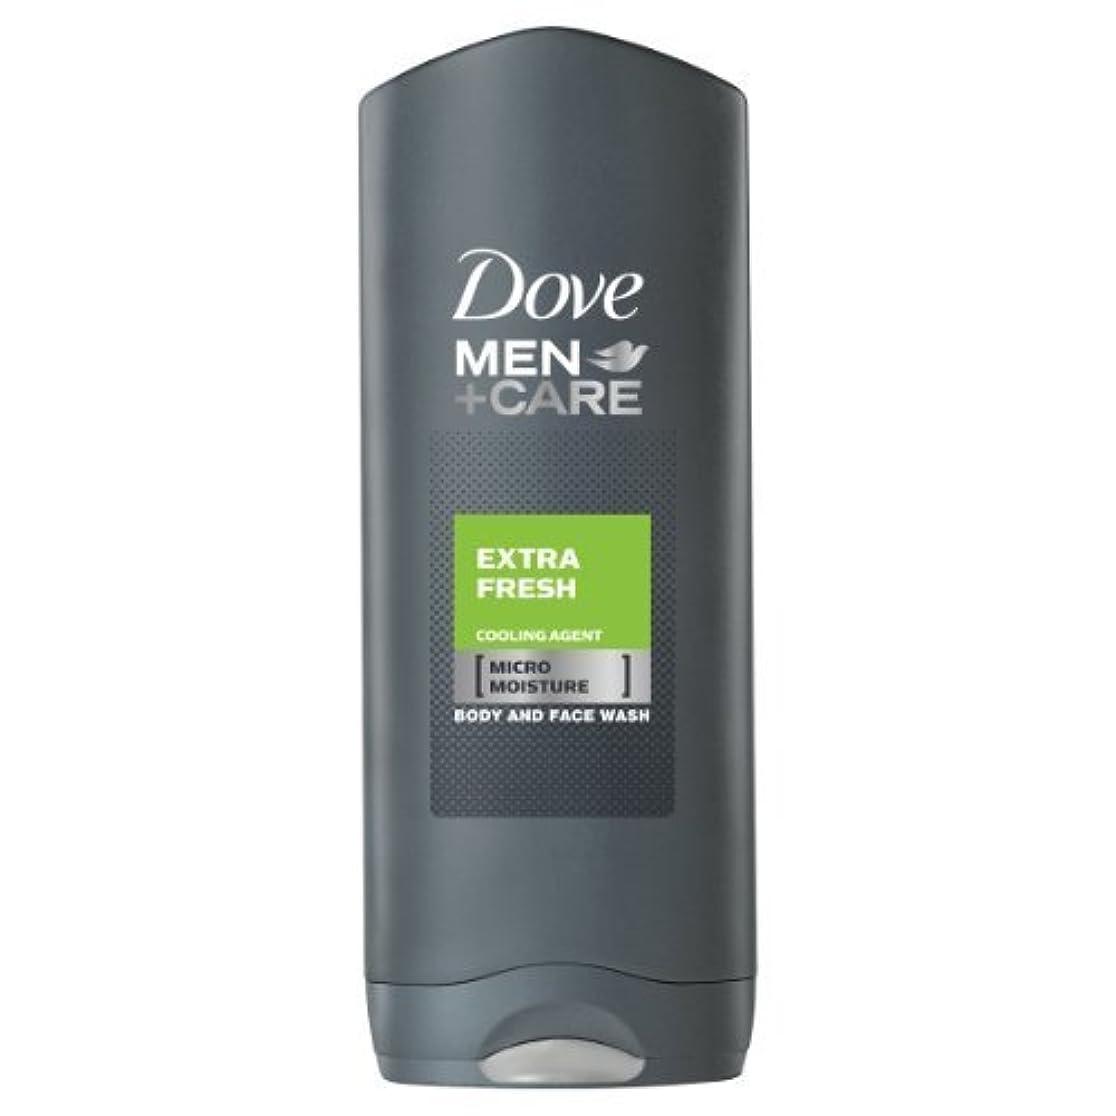 失業怒り公演Dove for Men Extra Fresh Body and Face Wash 250 ml by Dove [並行輸入品]